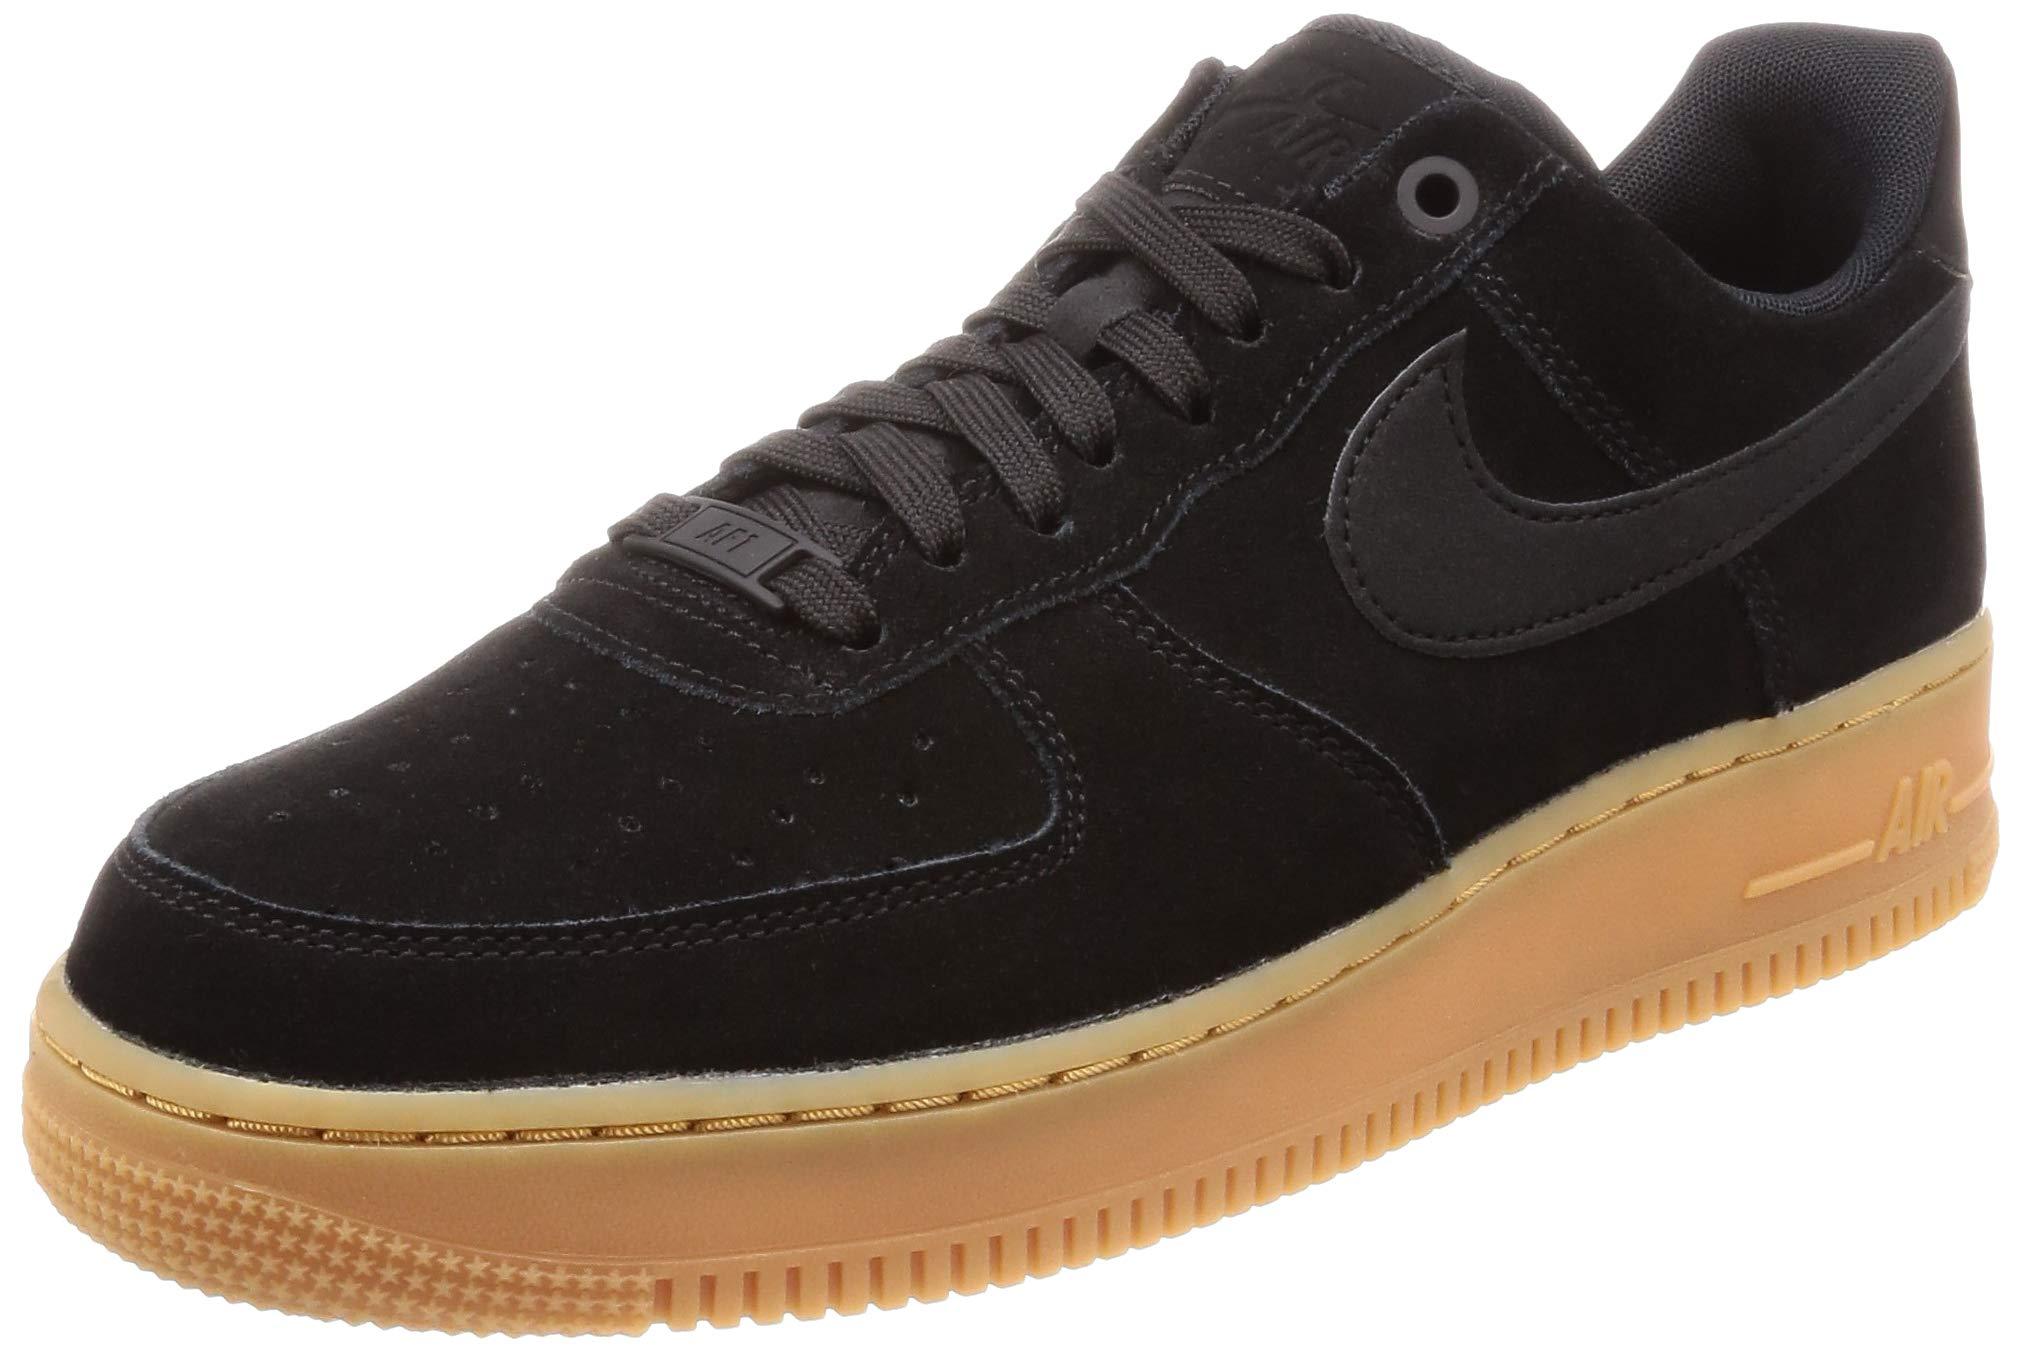 Galleon Nike Air Force 1 '07 LV8 Suede BlackBlack Gum